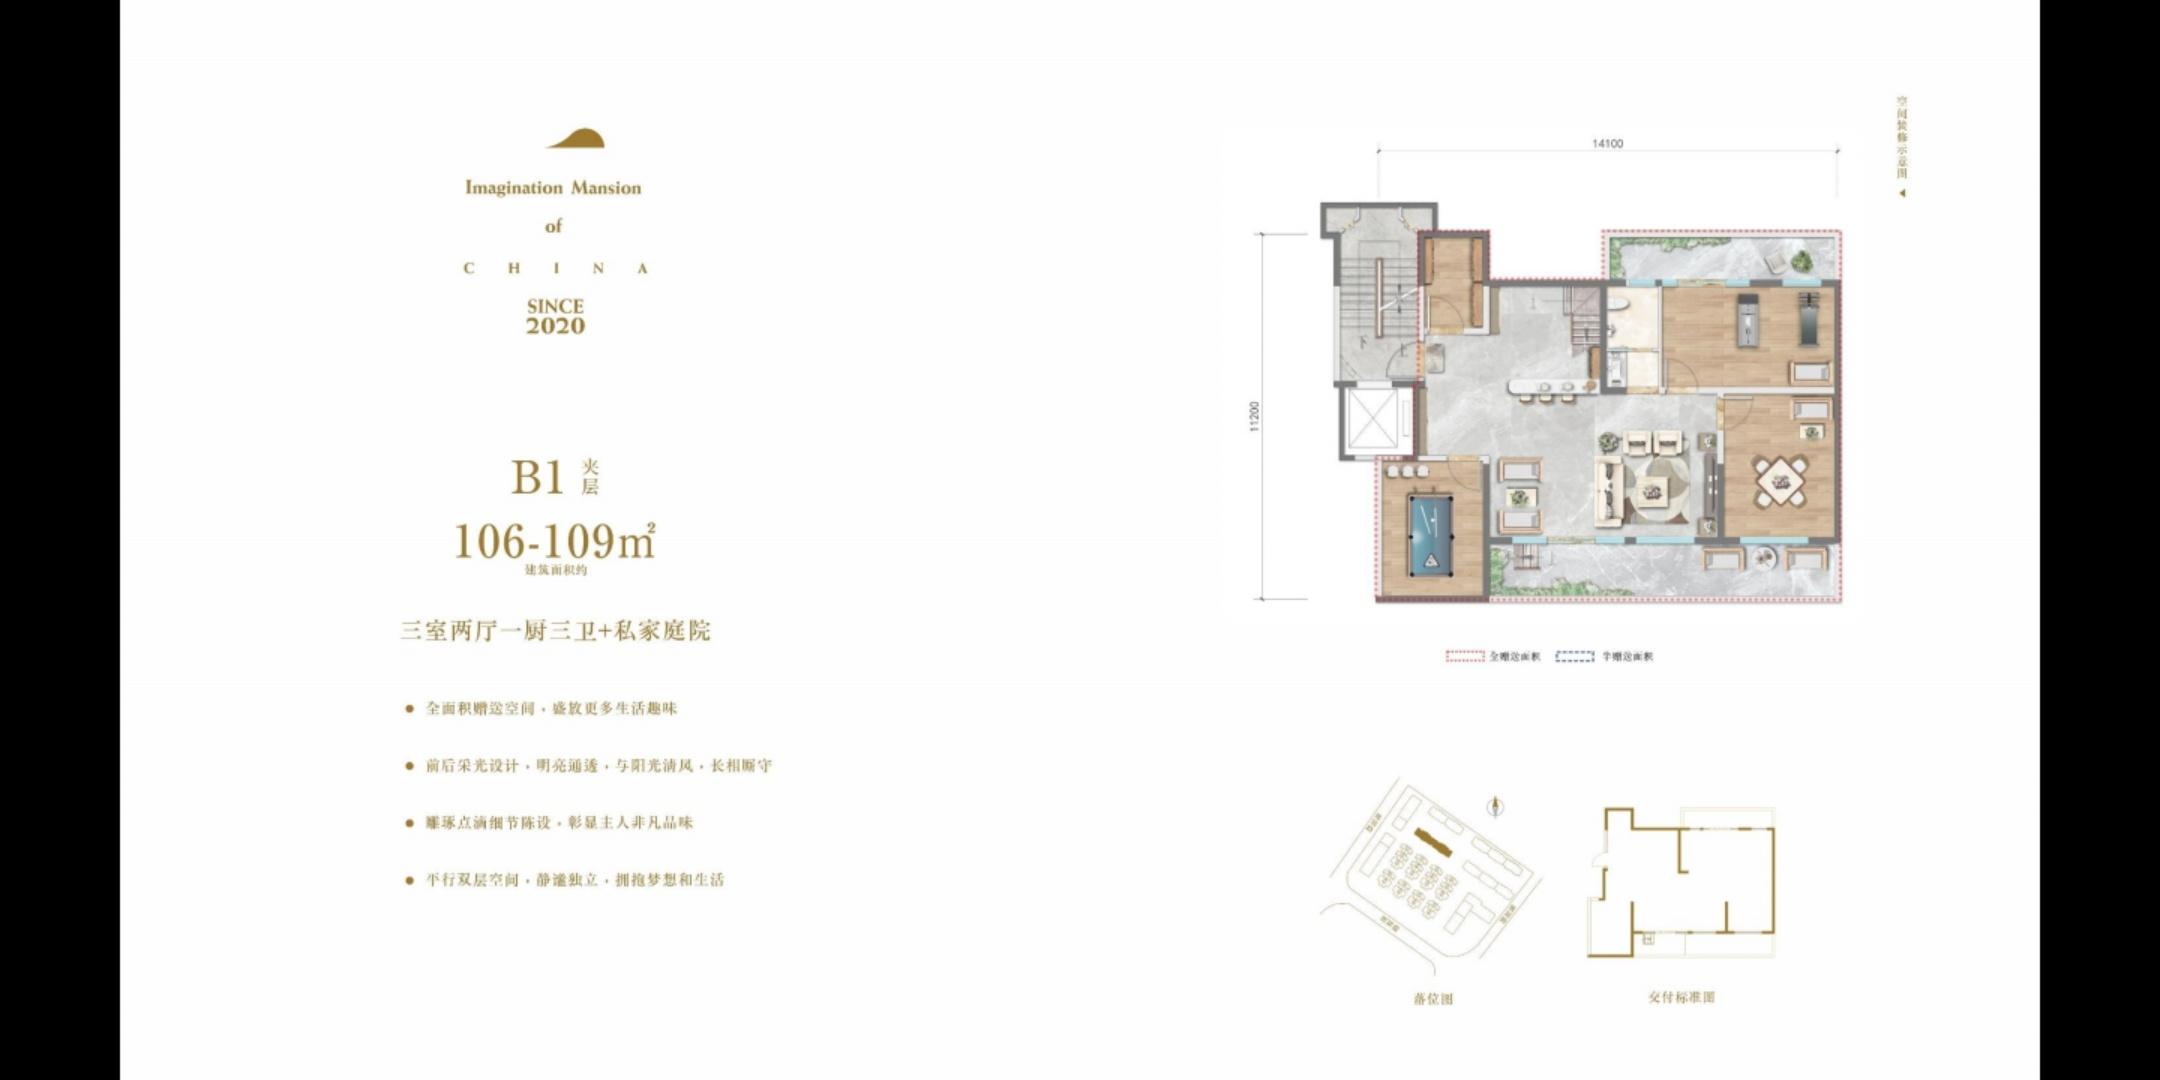 B1夹层 3室2厅3卫 建面106-109㎡